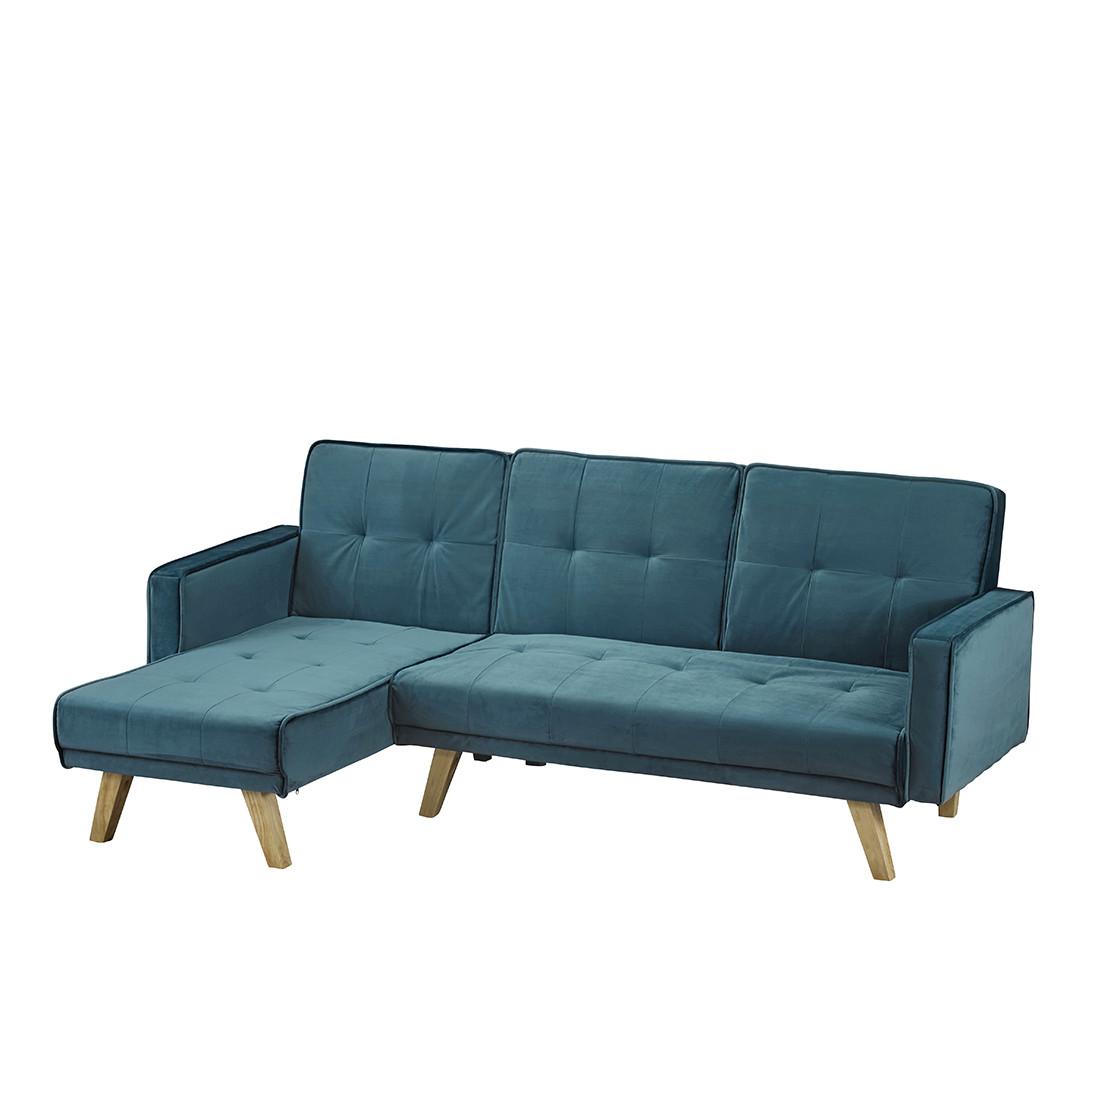 Kitson Corner Sofa Bed Teal Velvet   Living Room Furniture ...